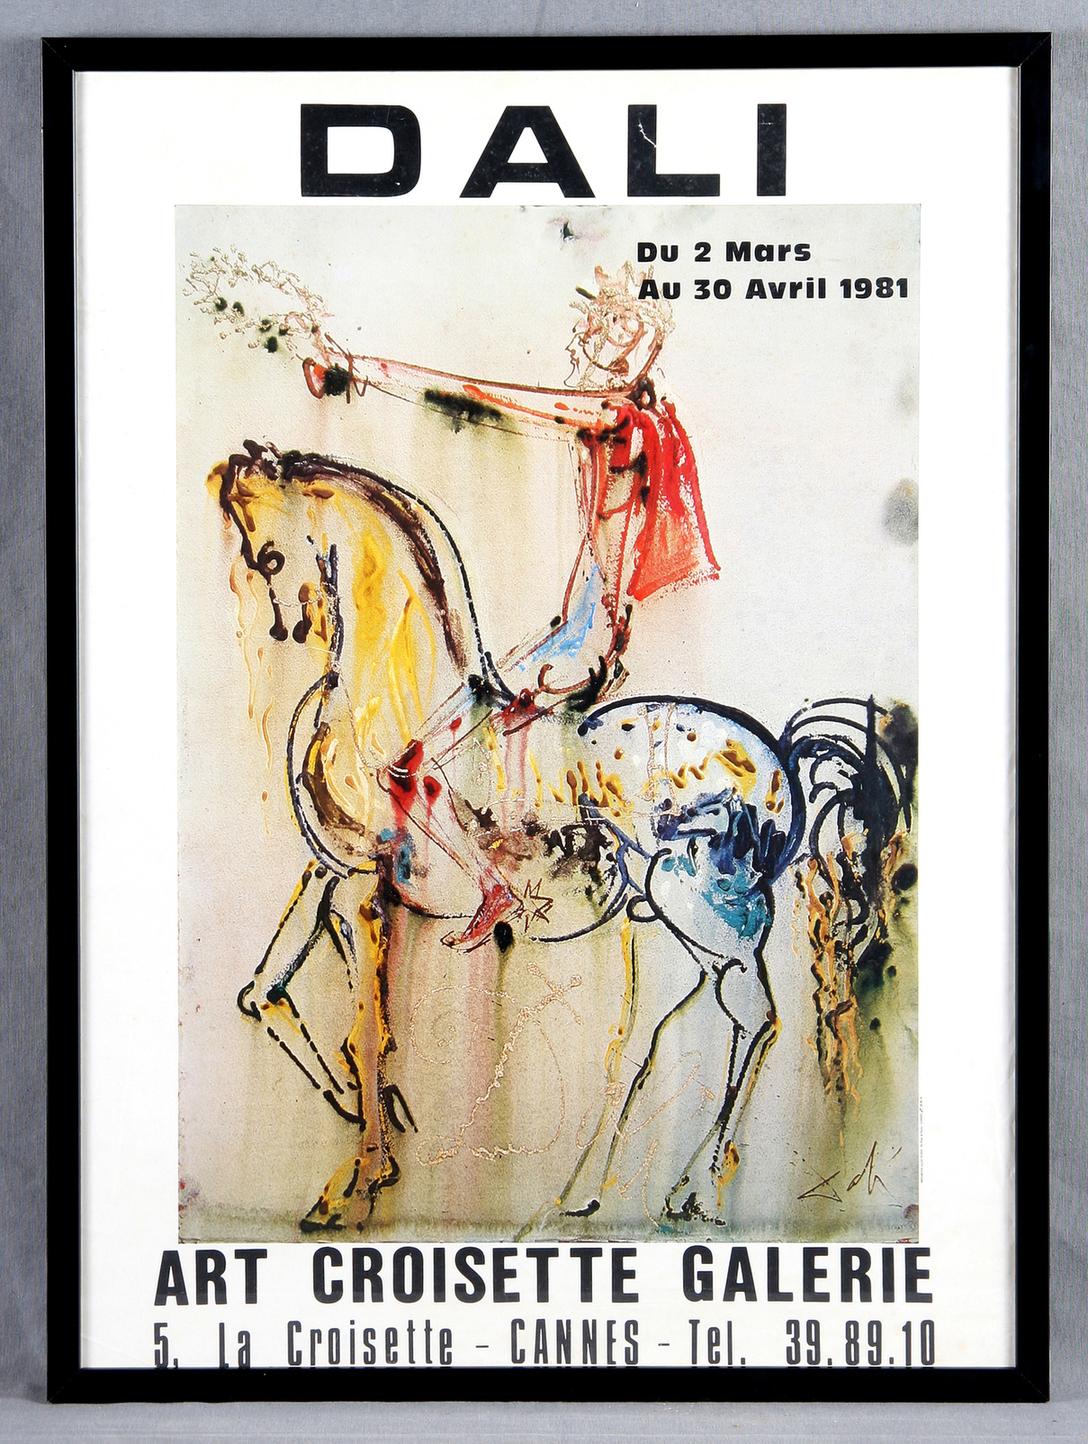 Salvador Dali-Dali Exhibition 1981 Cannes France-